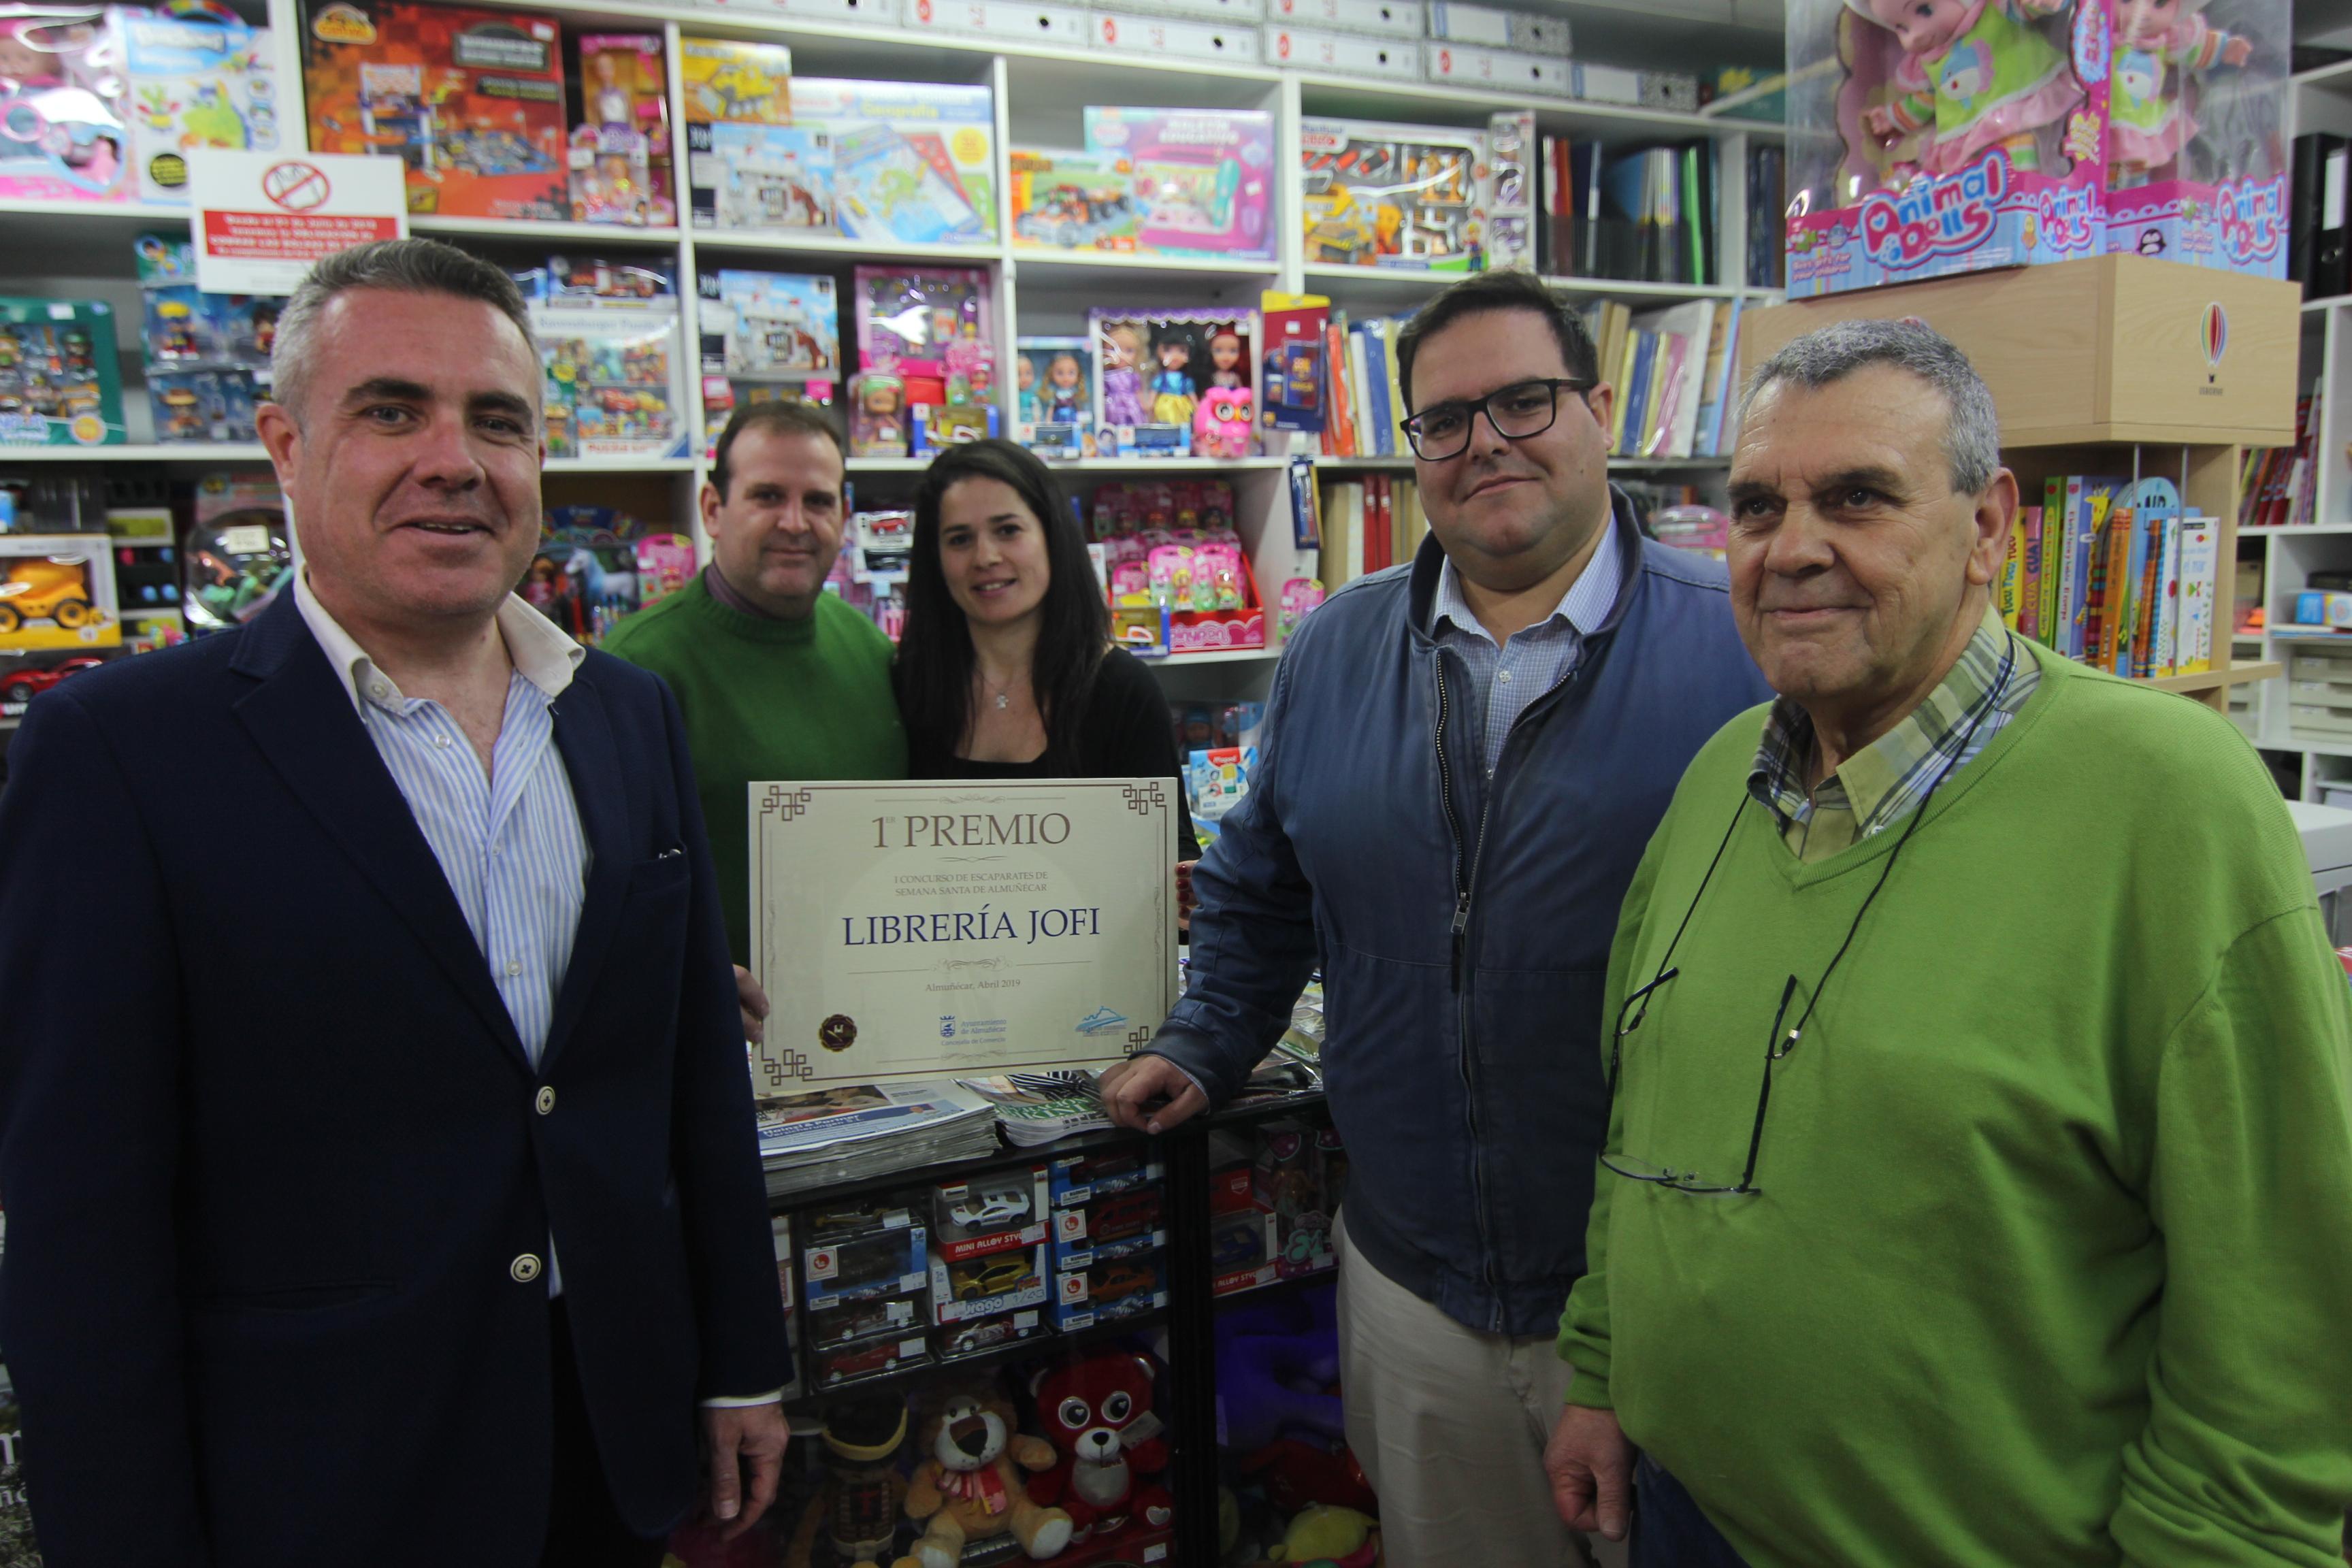 ENTREGA DEL PRIMER PREMIO A LIBREO JOFI EN ALMUÑÉCAR